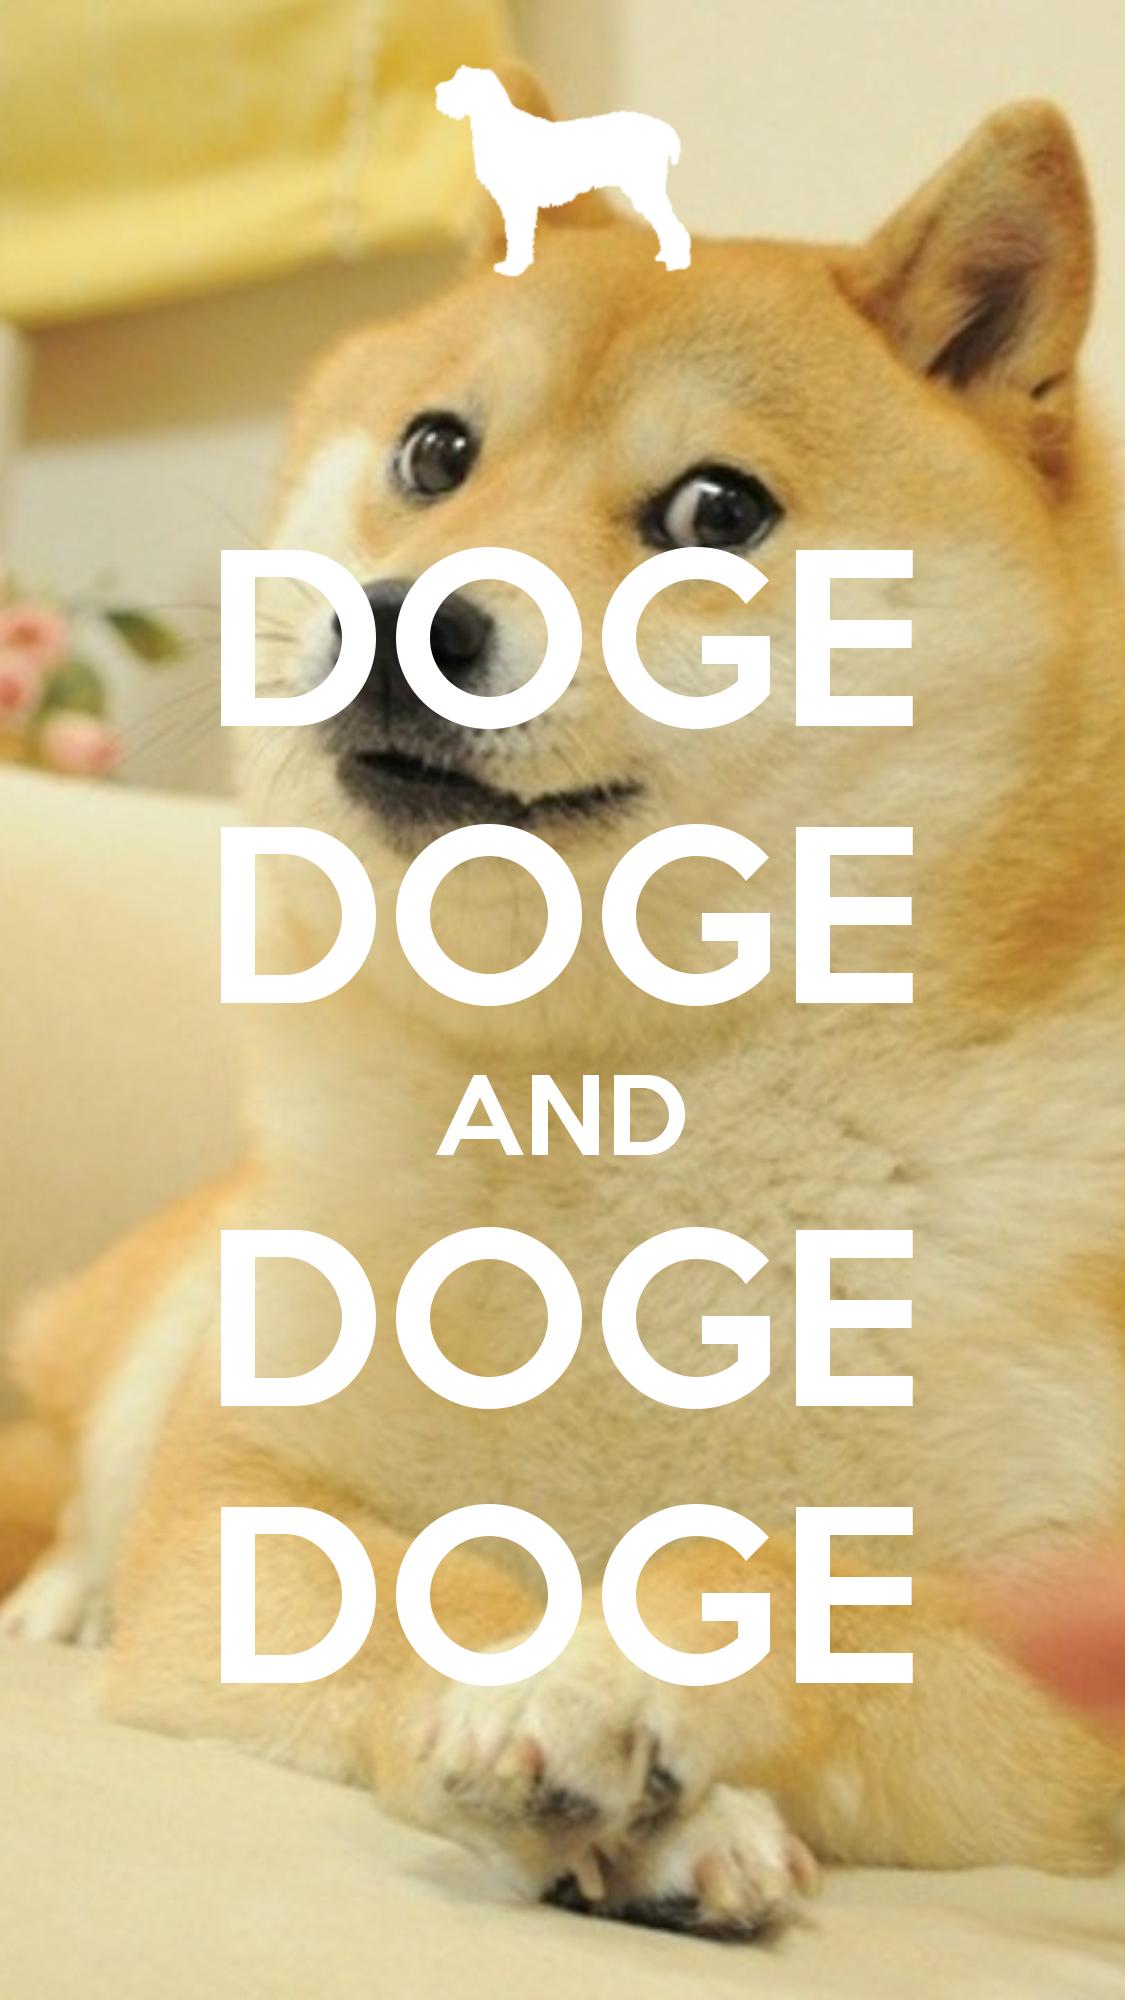 Doge Wallpaper Iphone Doge meme, Doge, Doge dog